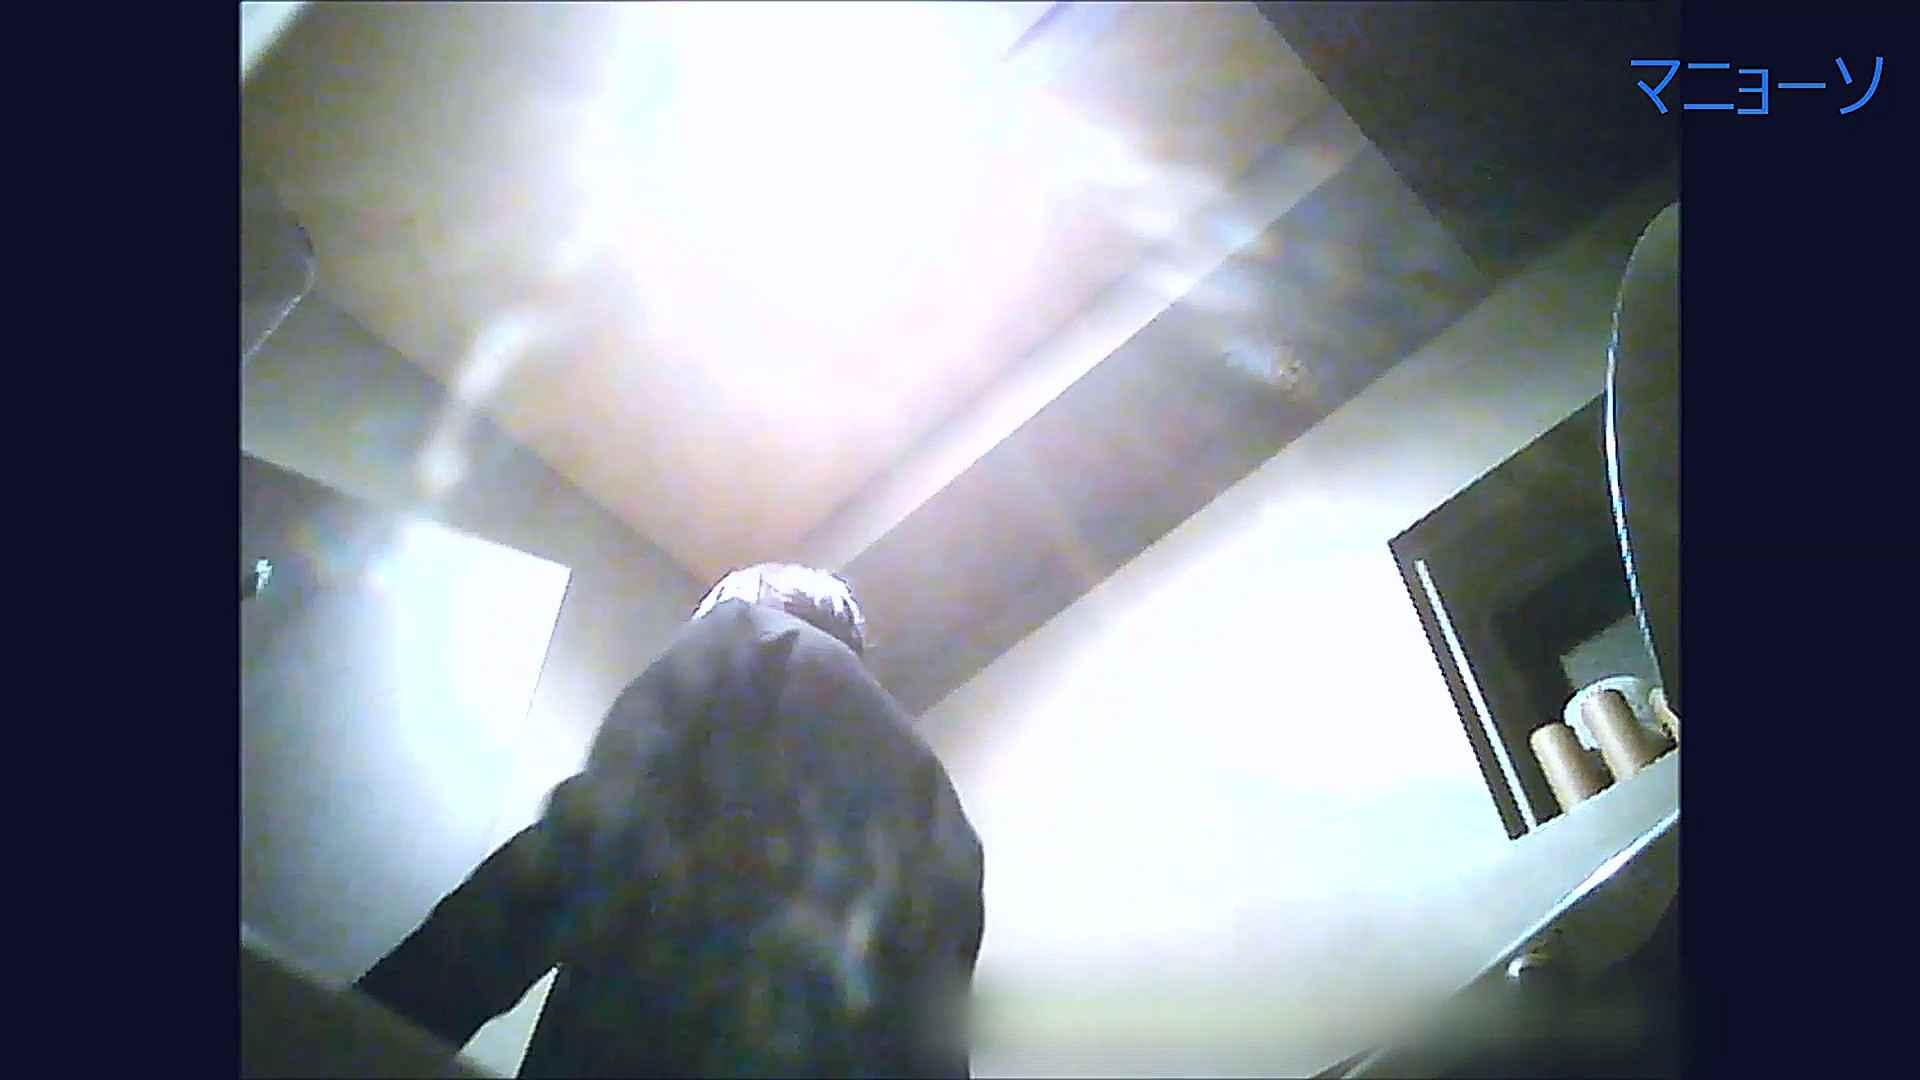 トイレでひと肌脱いでもらいました (JD編)Vol.03 OL | トイレ中  88連発 43